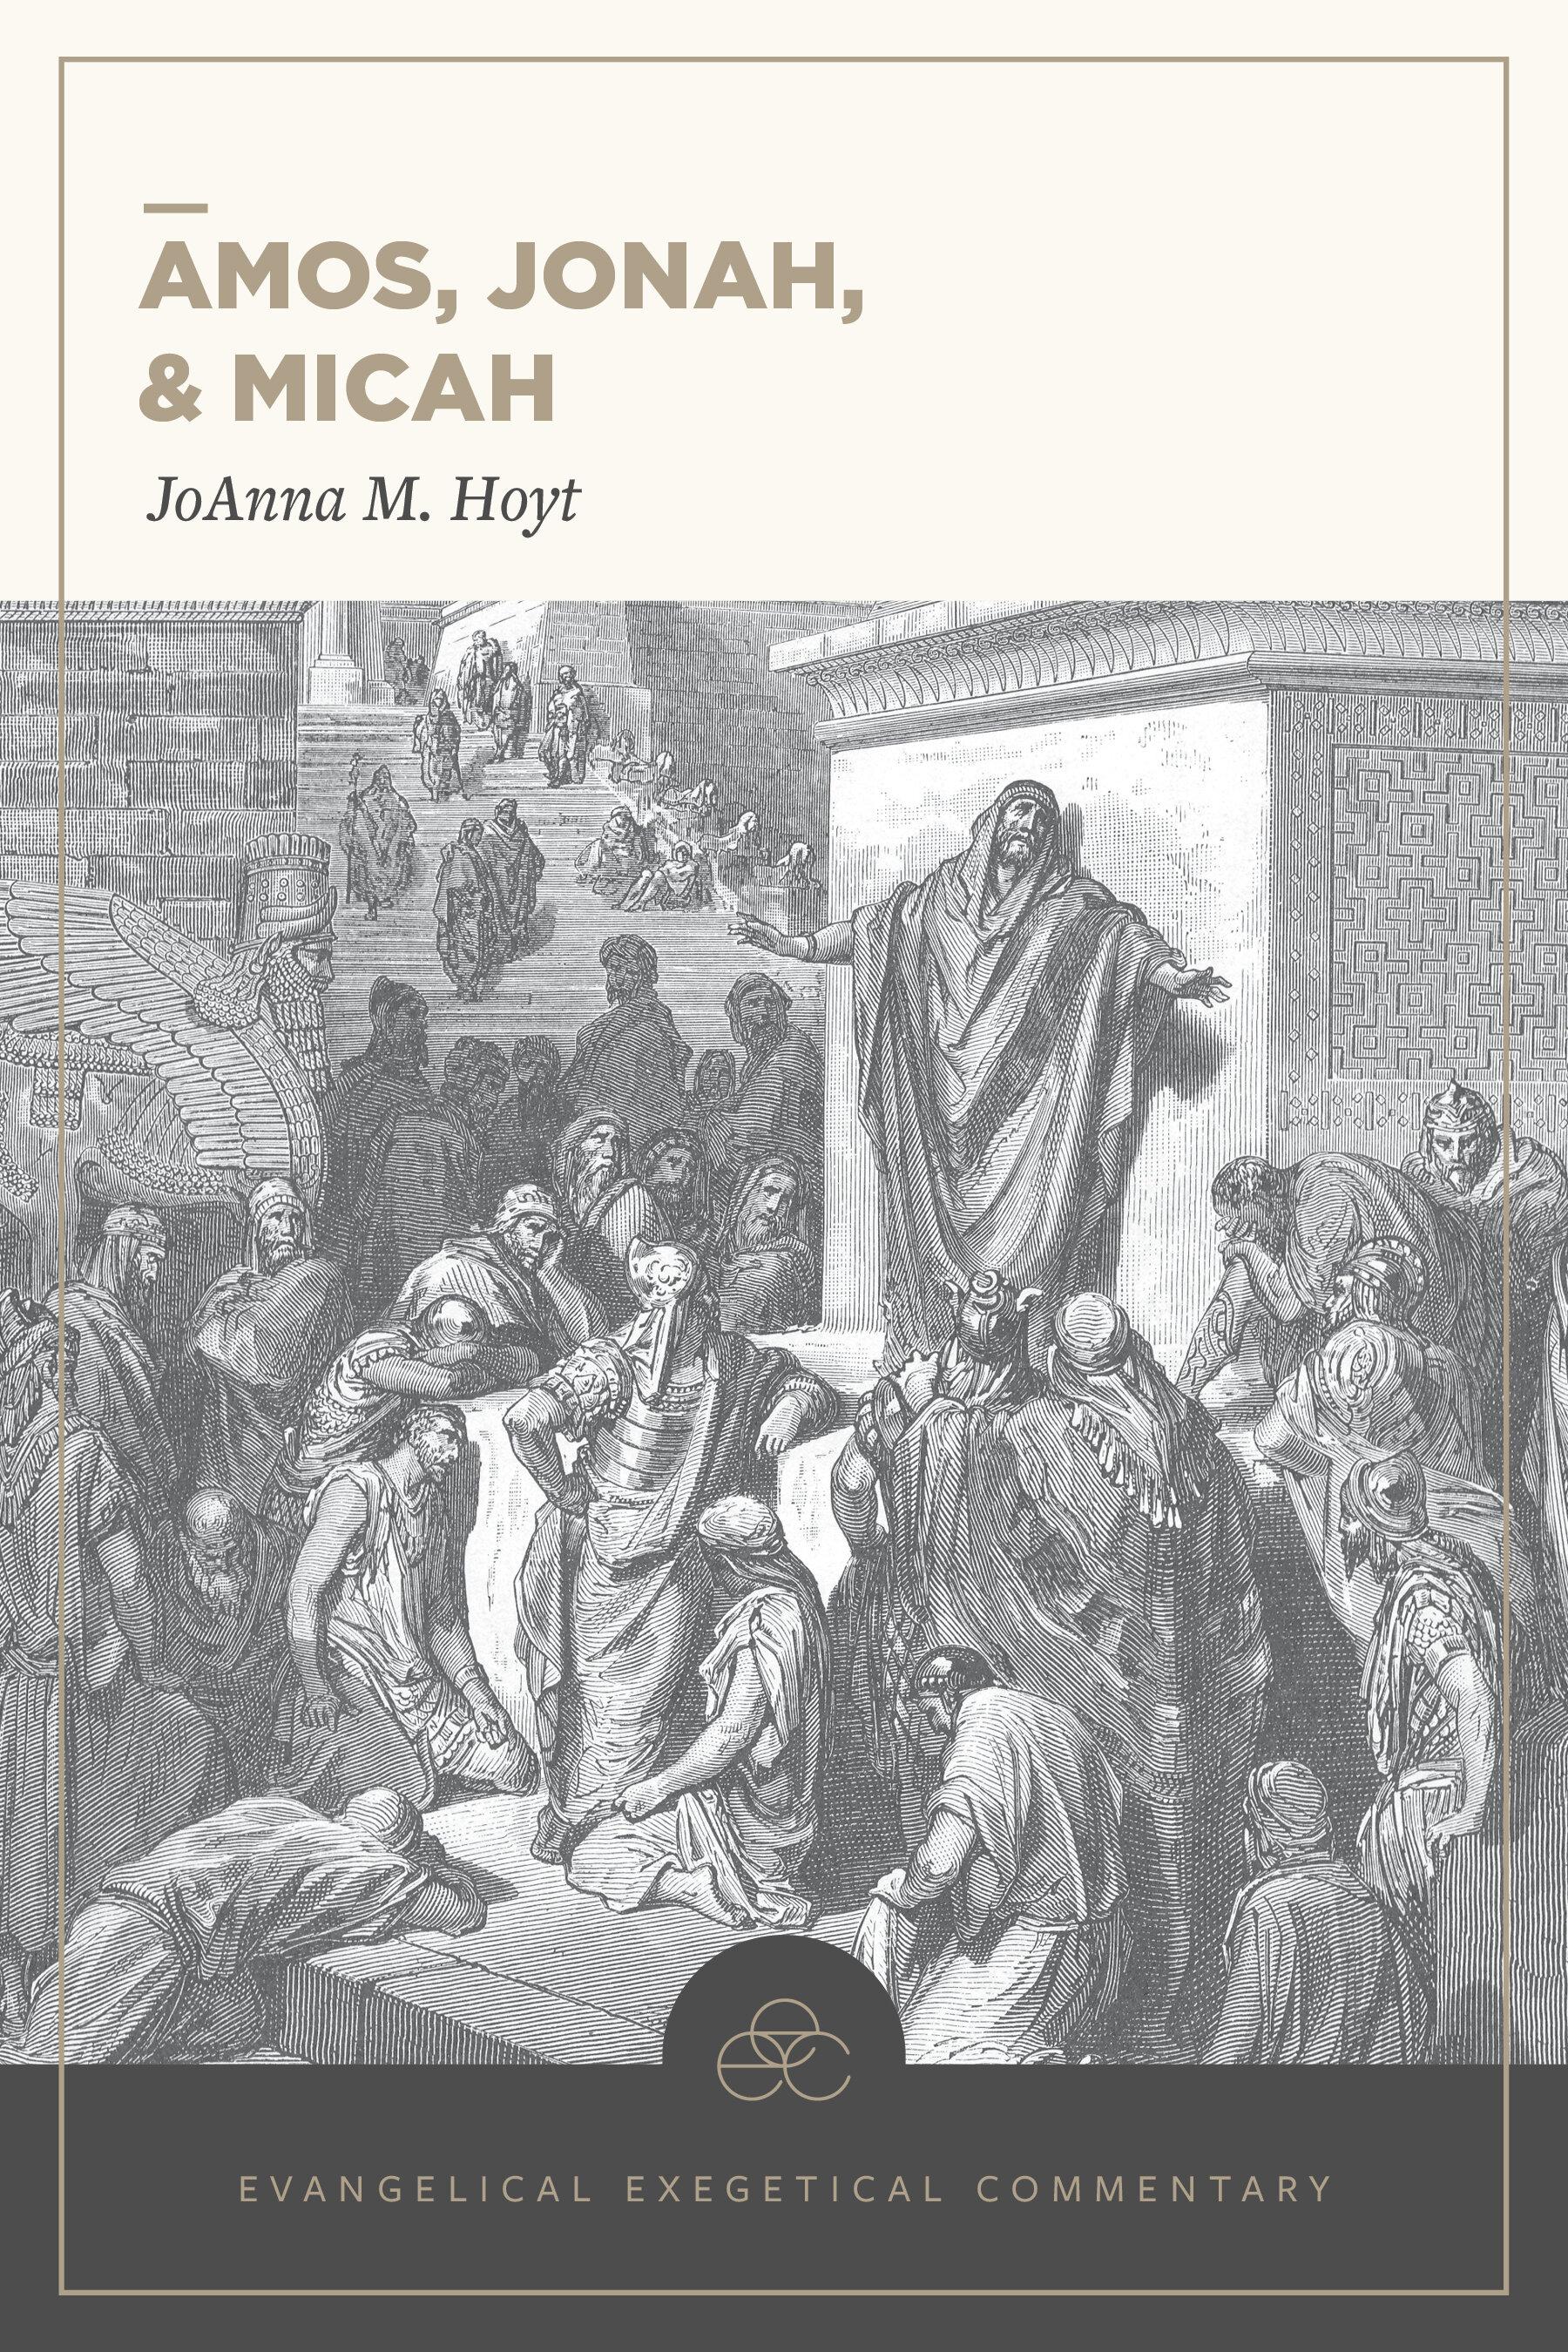 Amos, Jonah, & Micah